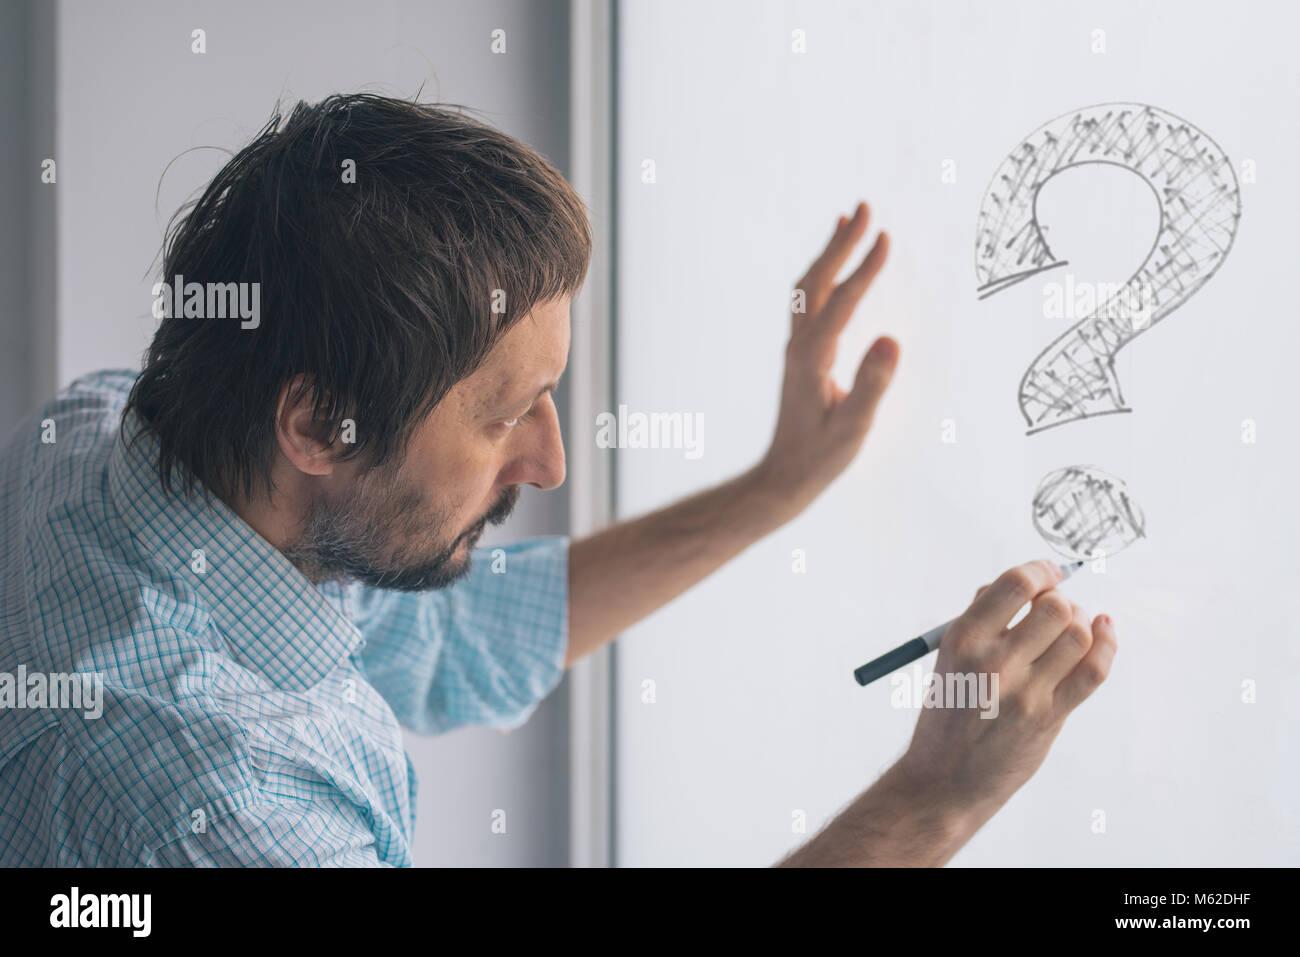 Verdutzt Geschäftsmann Zeichnung Fragezeichen auf dem Whiteboard im Büro, selektiven Fokus Stockfoto